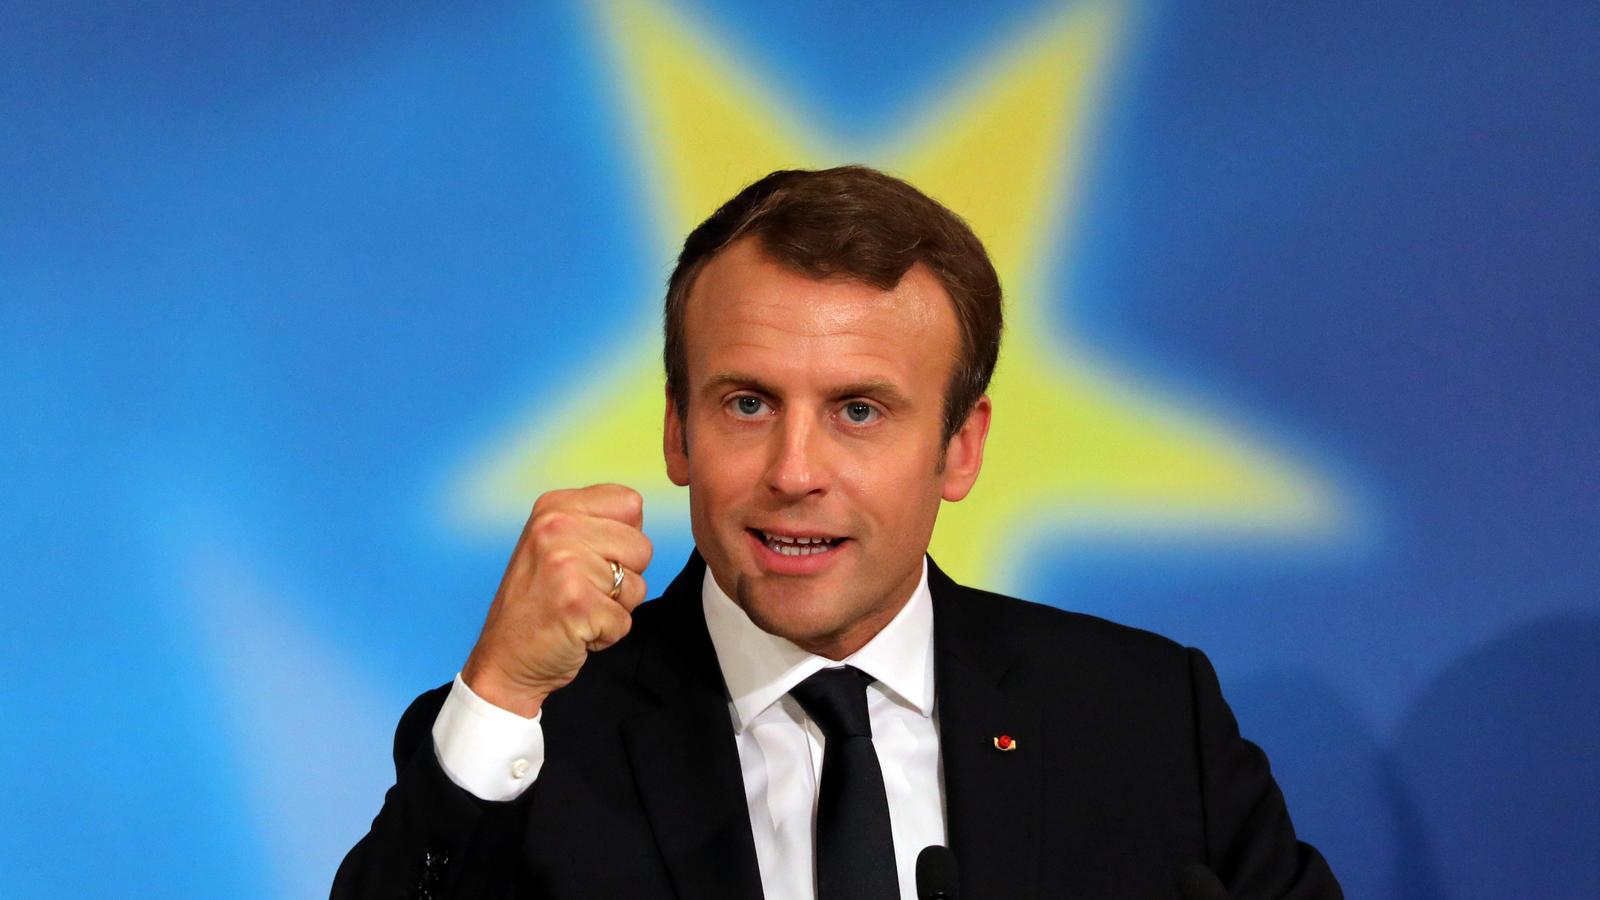 Macron en habit de gala présidentiel pour expliquer son programme sur TF1/LCI